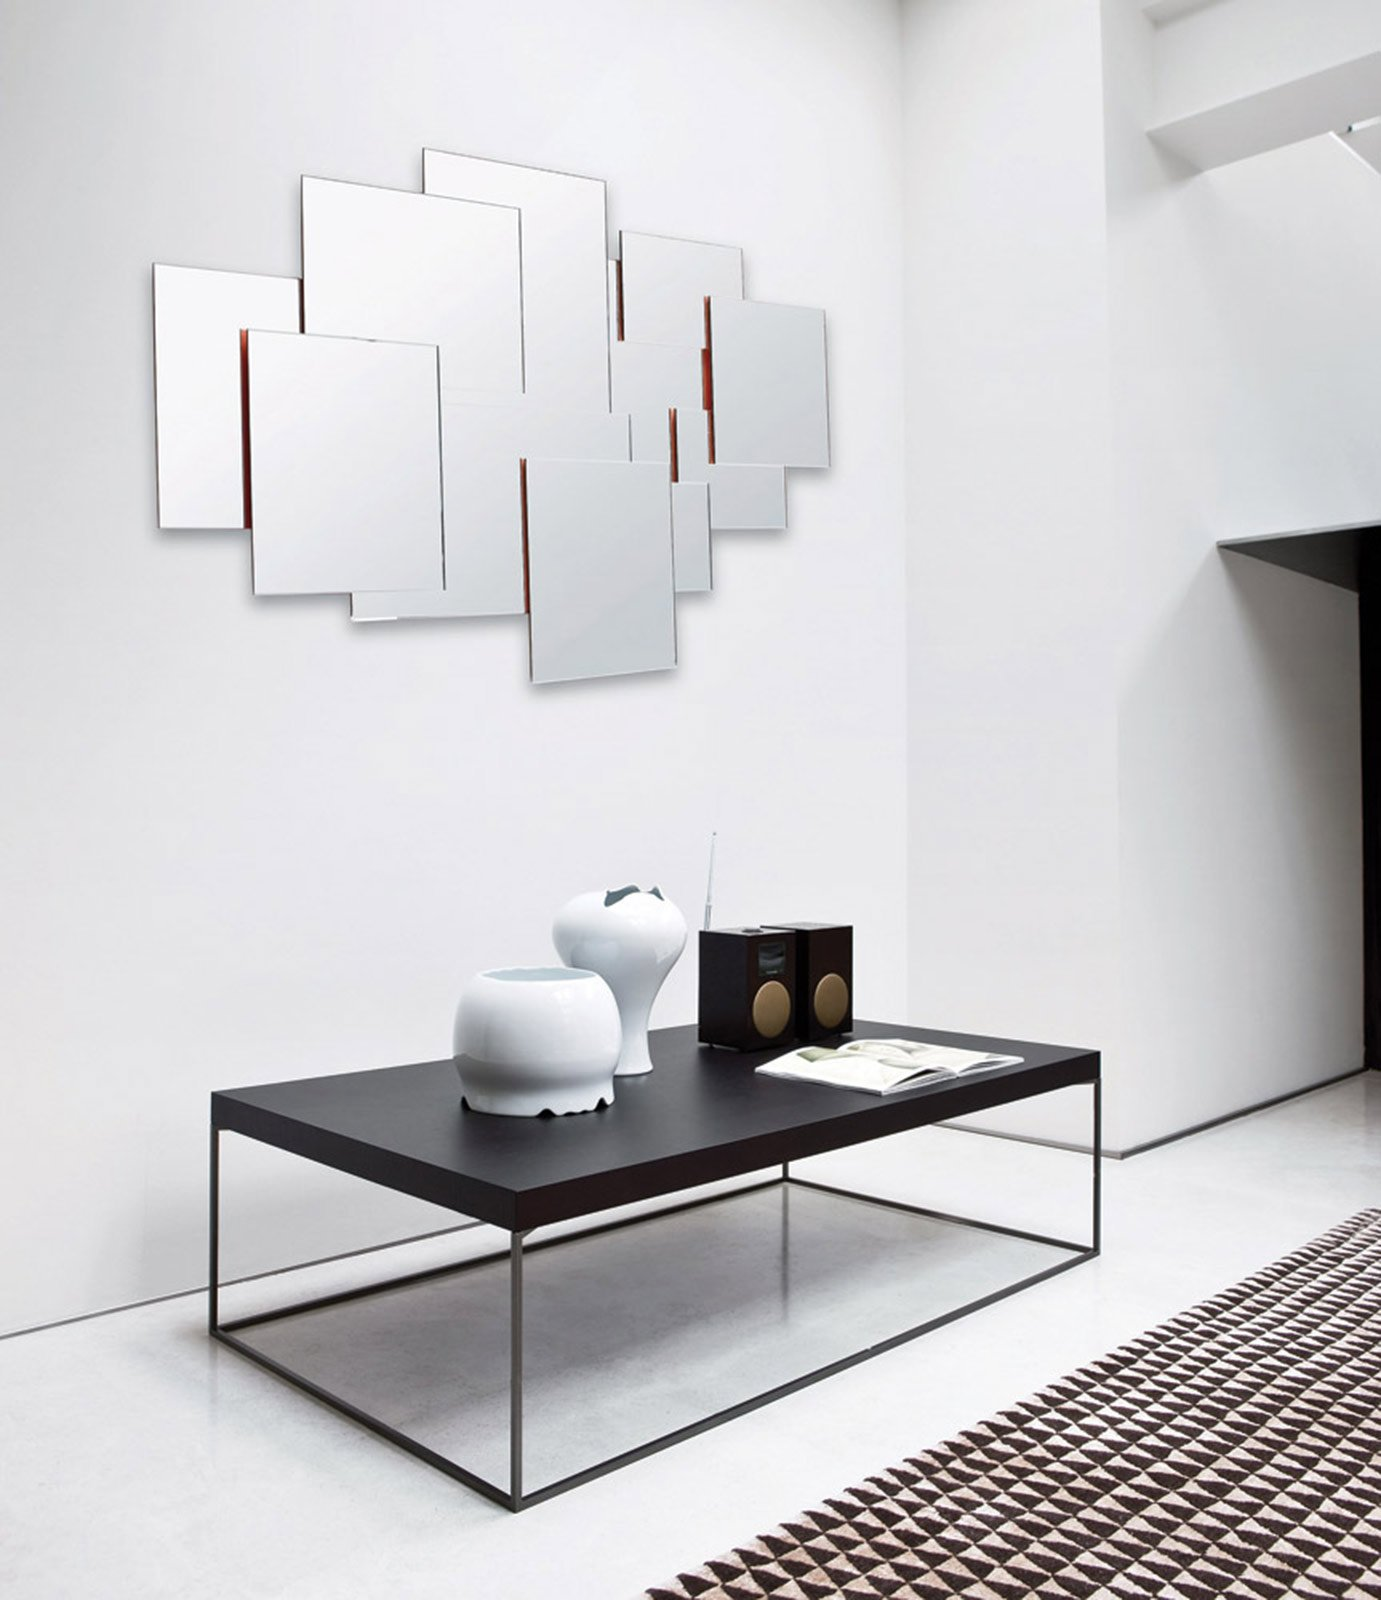 Specchi questione di riflessi cose di casa - Ikea specchi da parete ...